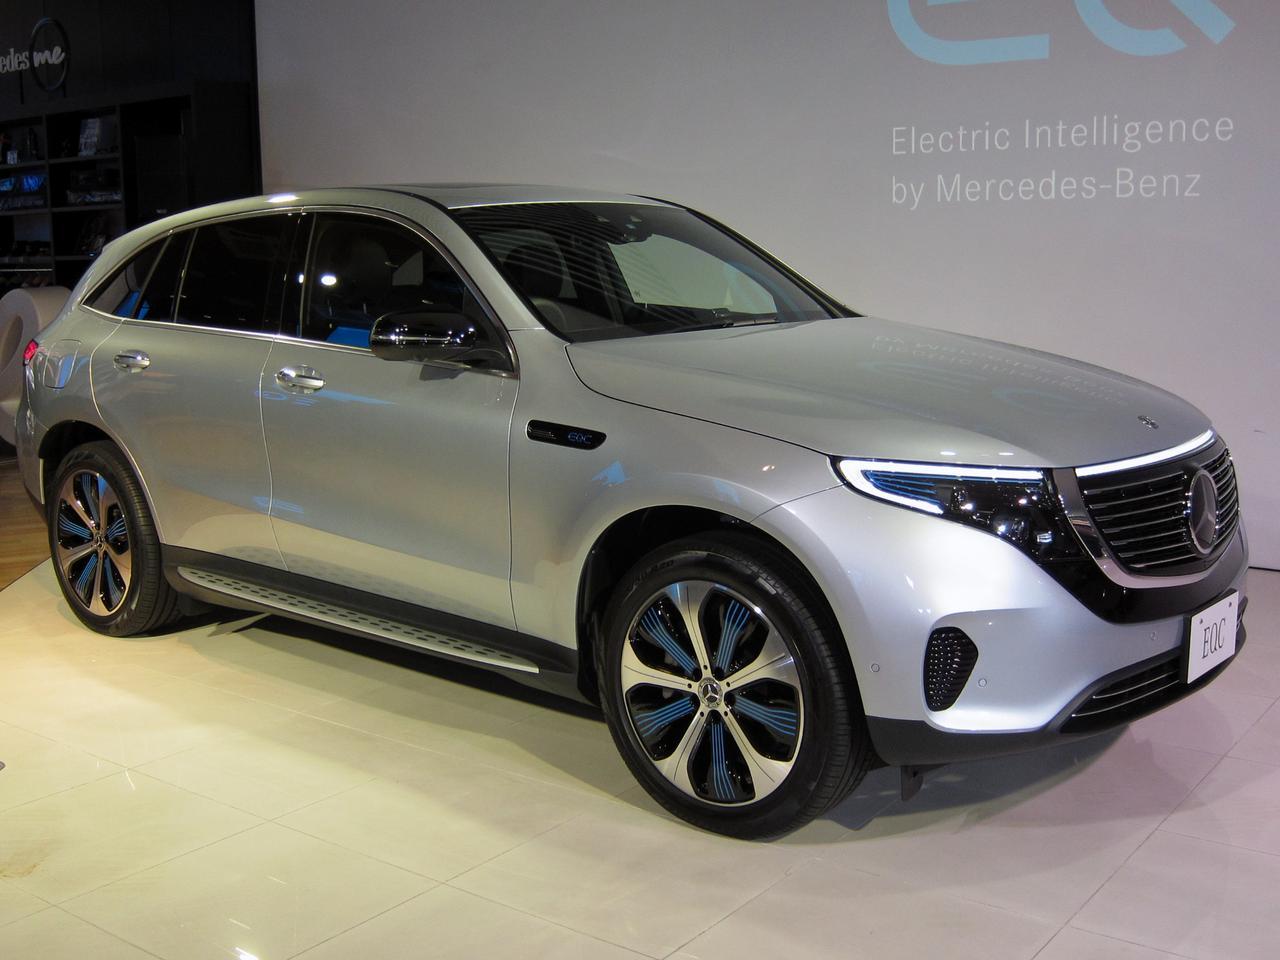 【2019 新車プレイバック(6)】メルセデス・ベンツ EQCはEVらしい先進デザインも見どころ